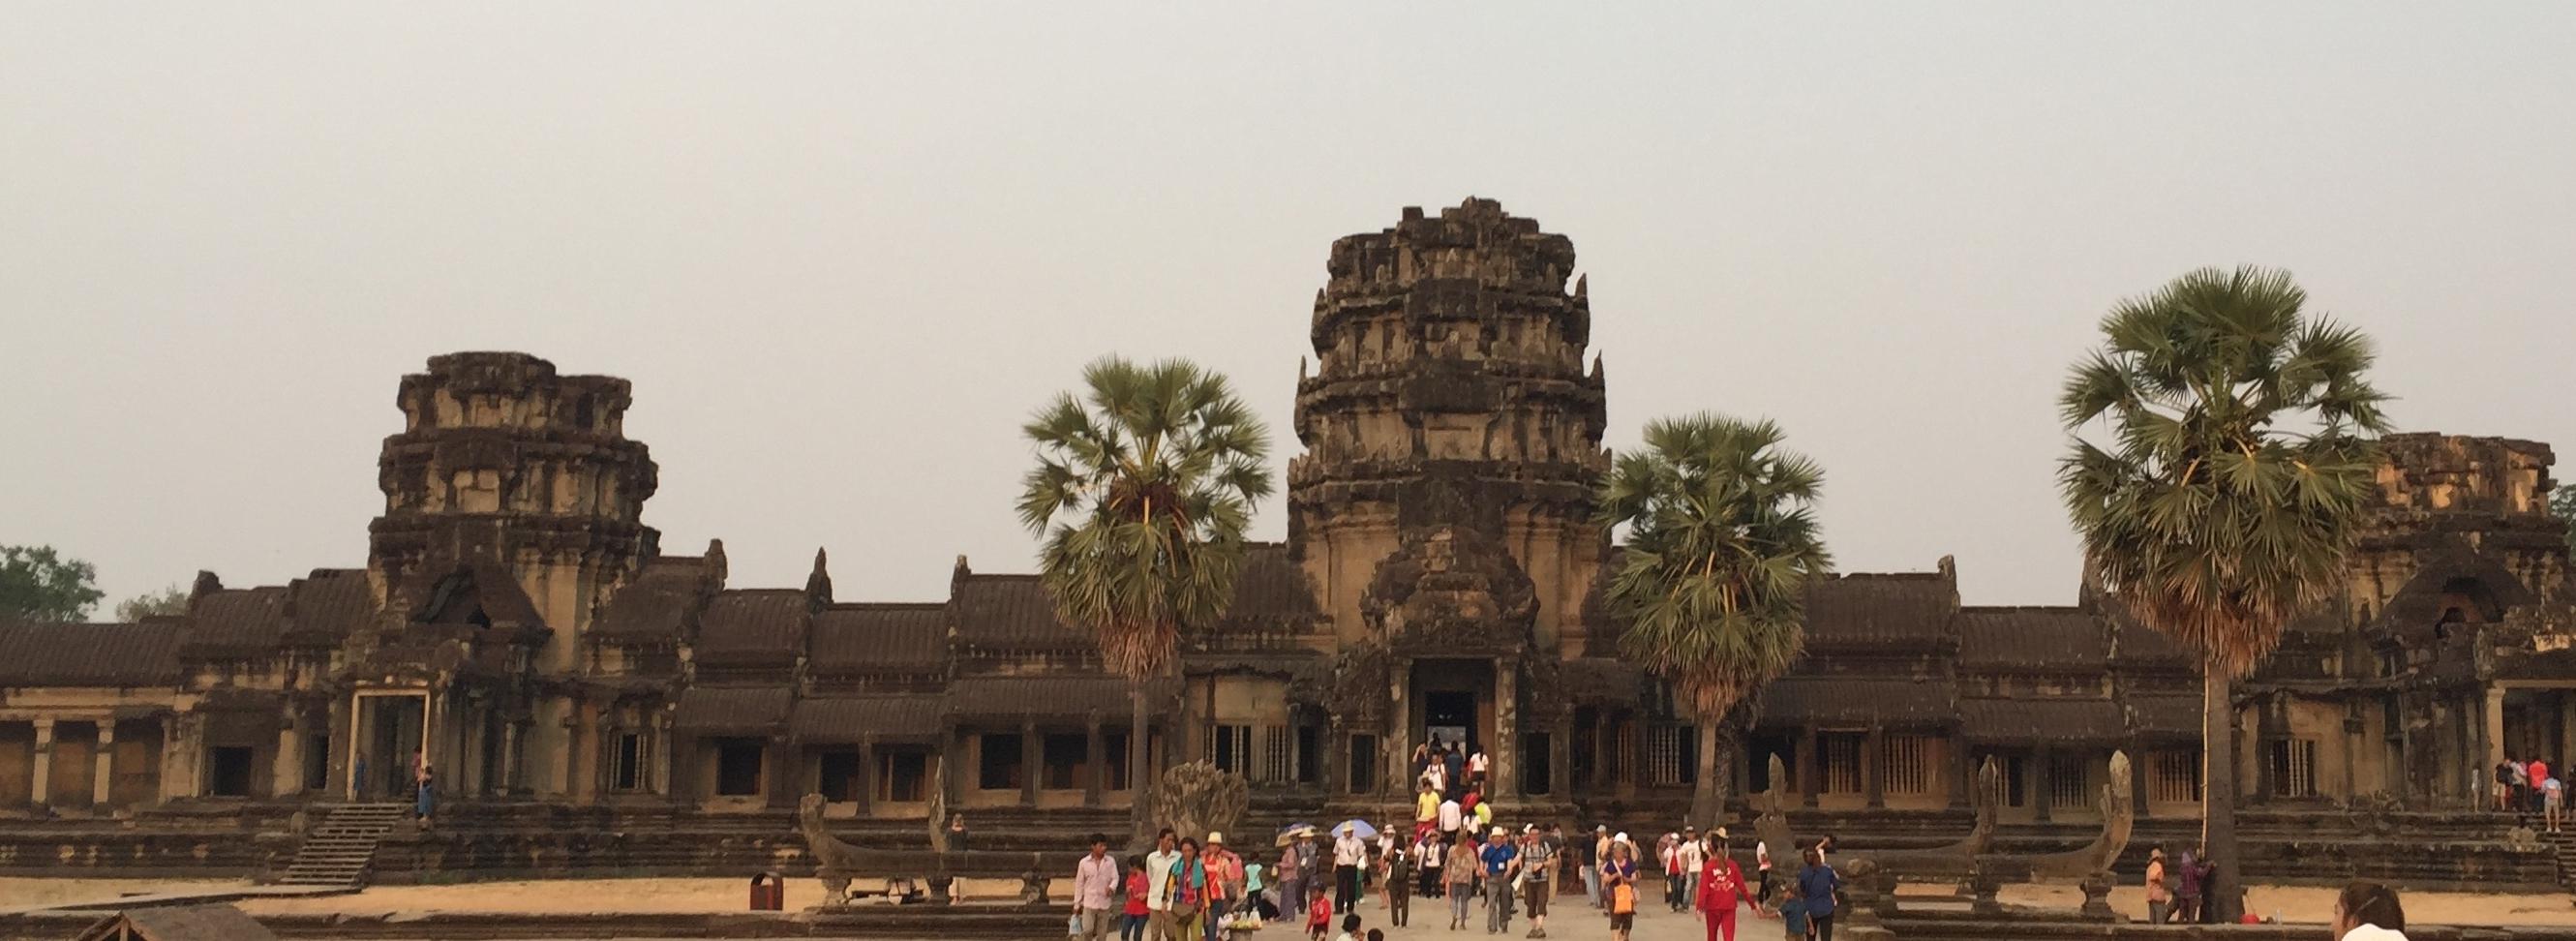 Angkor entrance